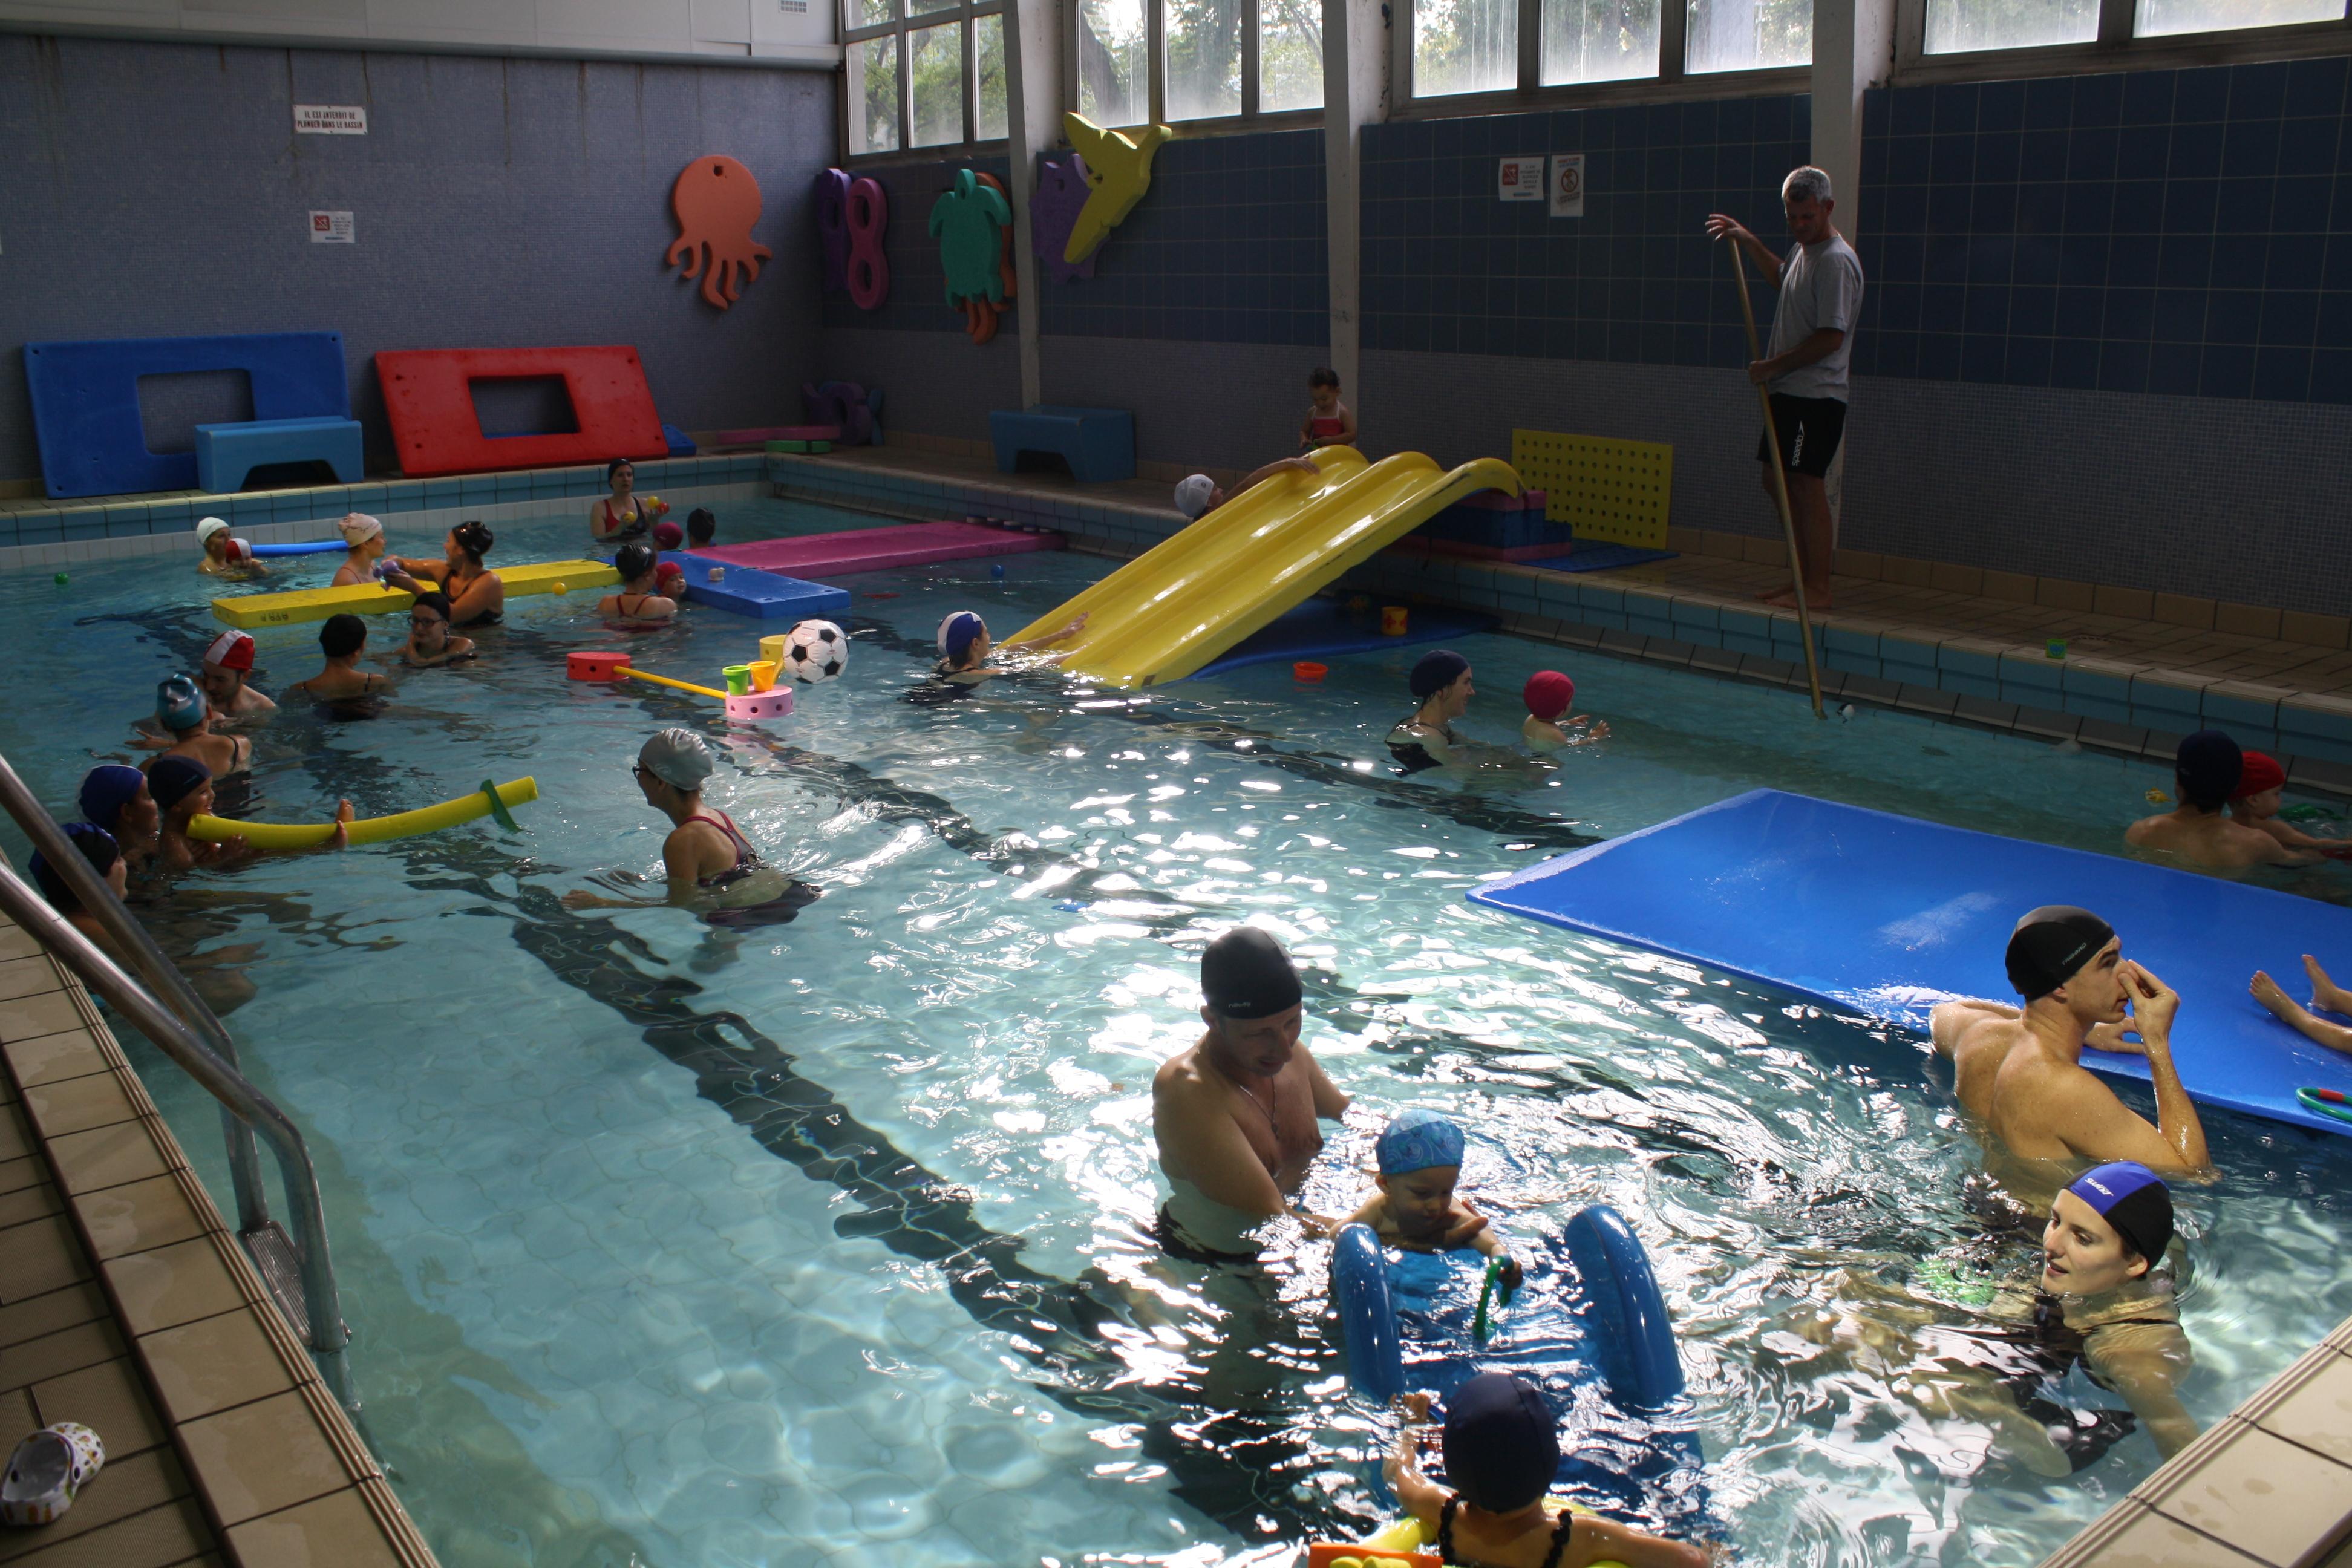 Impressionnant piscine pour b b 5 mois piscine for Piscine privee rennes